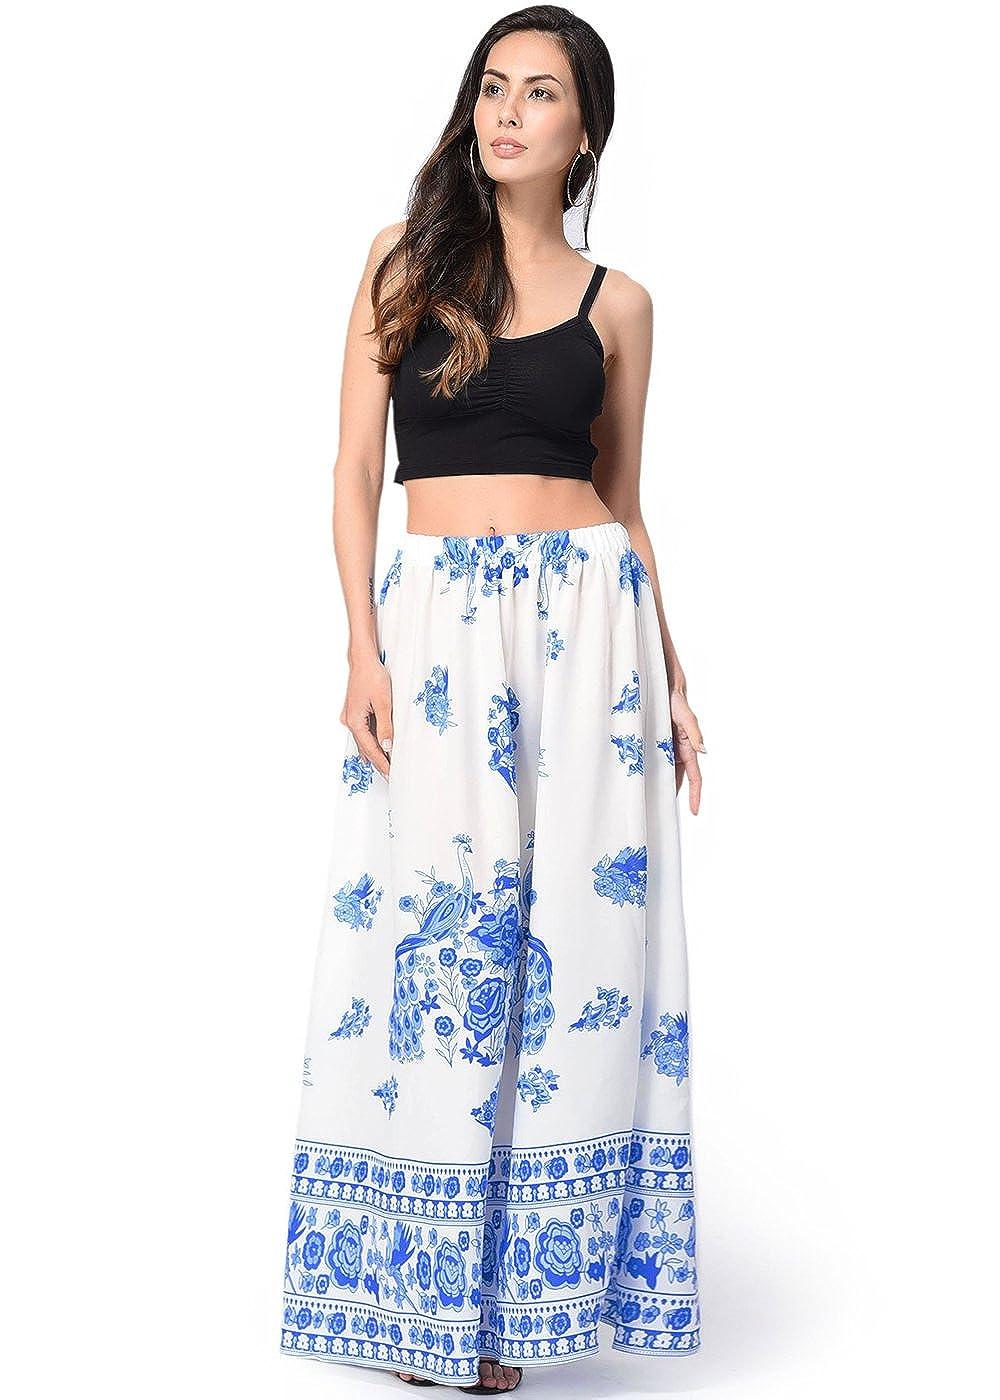 Faldas largas de la falda del Hippie de Bohemia alta ocasional de las mujeres de la falda larga de las mujeres: Amazon.es: Ropa y accesorios